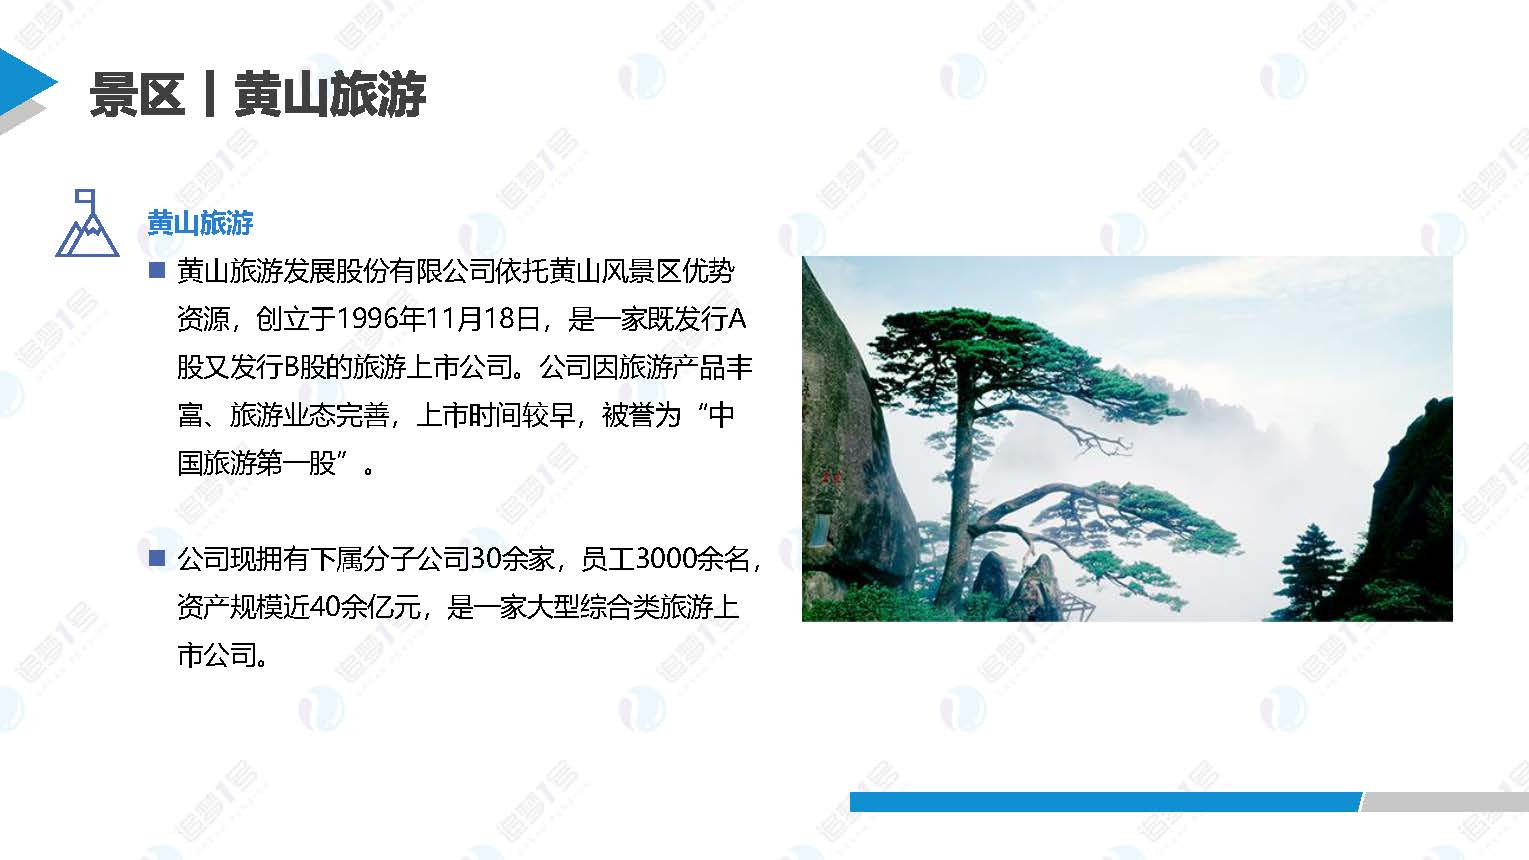 中国旅游行业研究 _页面_26.jpg